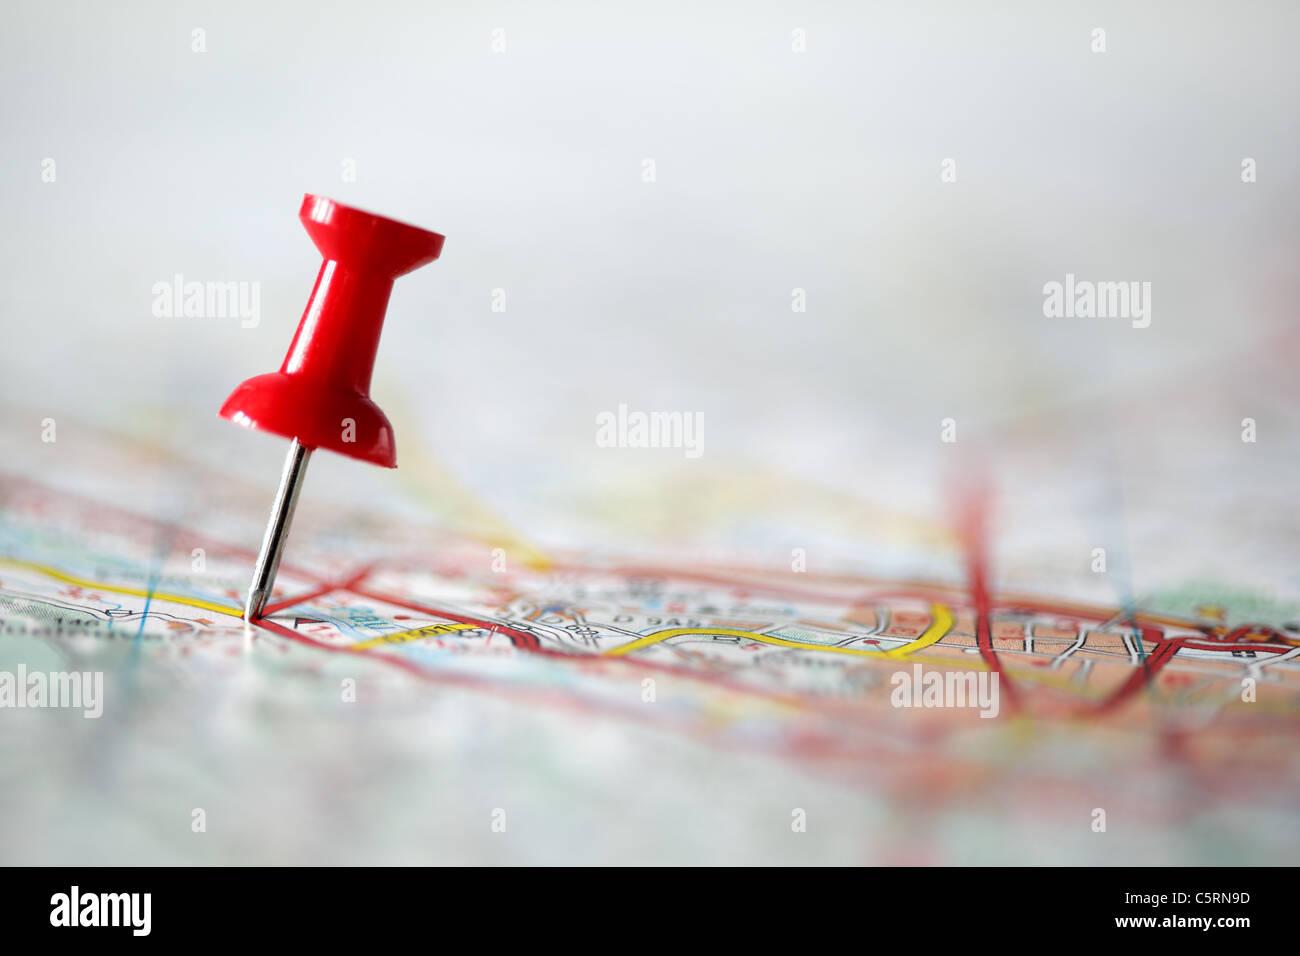 PIN auf der Karte Stockbild